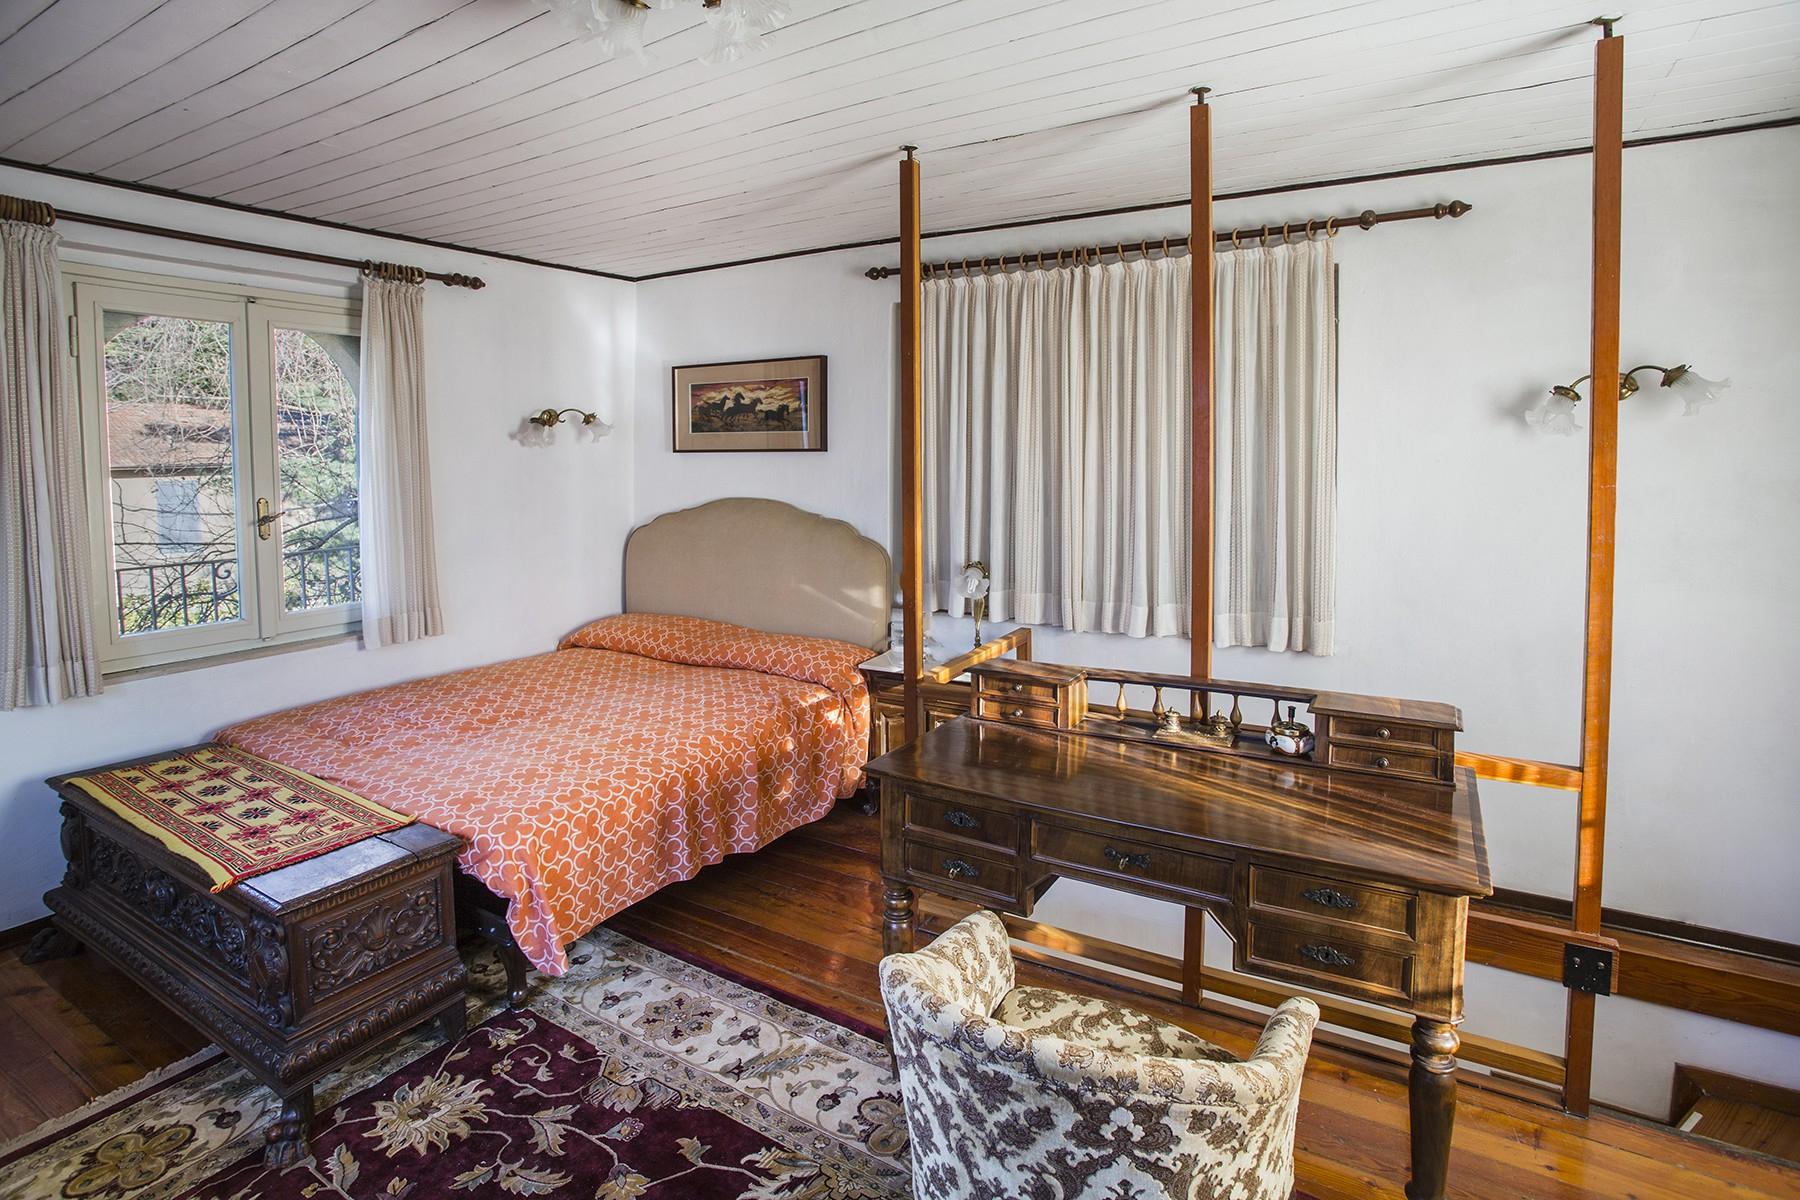 Villa in Vendita a Nesso: 5 locali, 250 mq - Foto 22